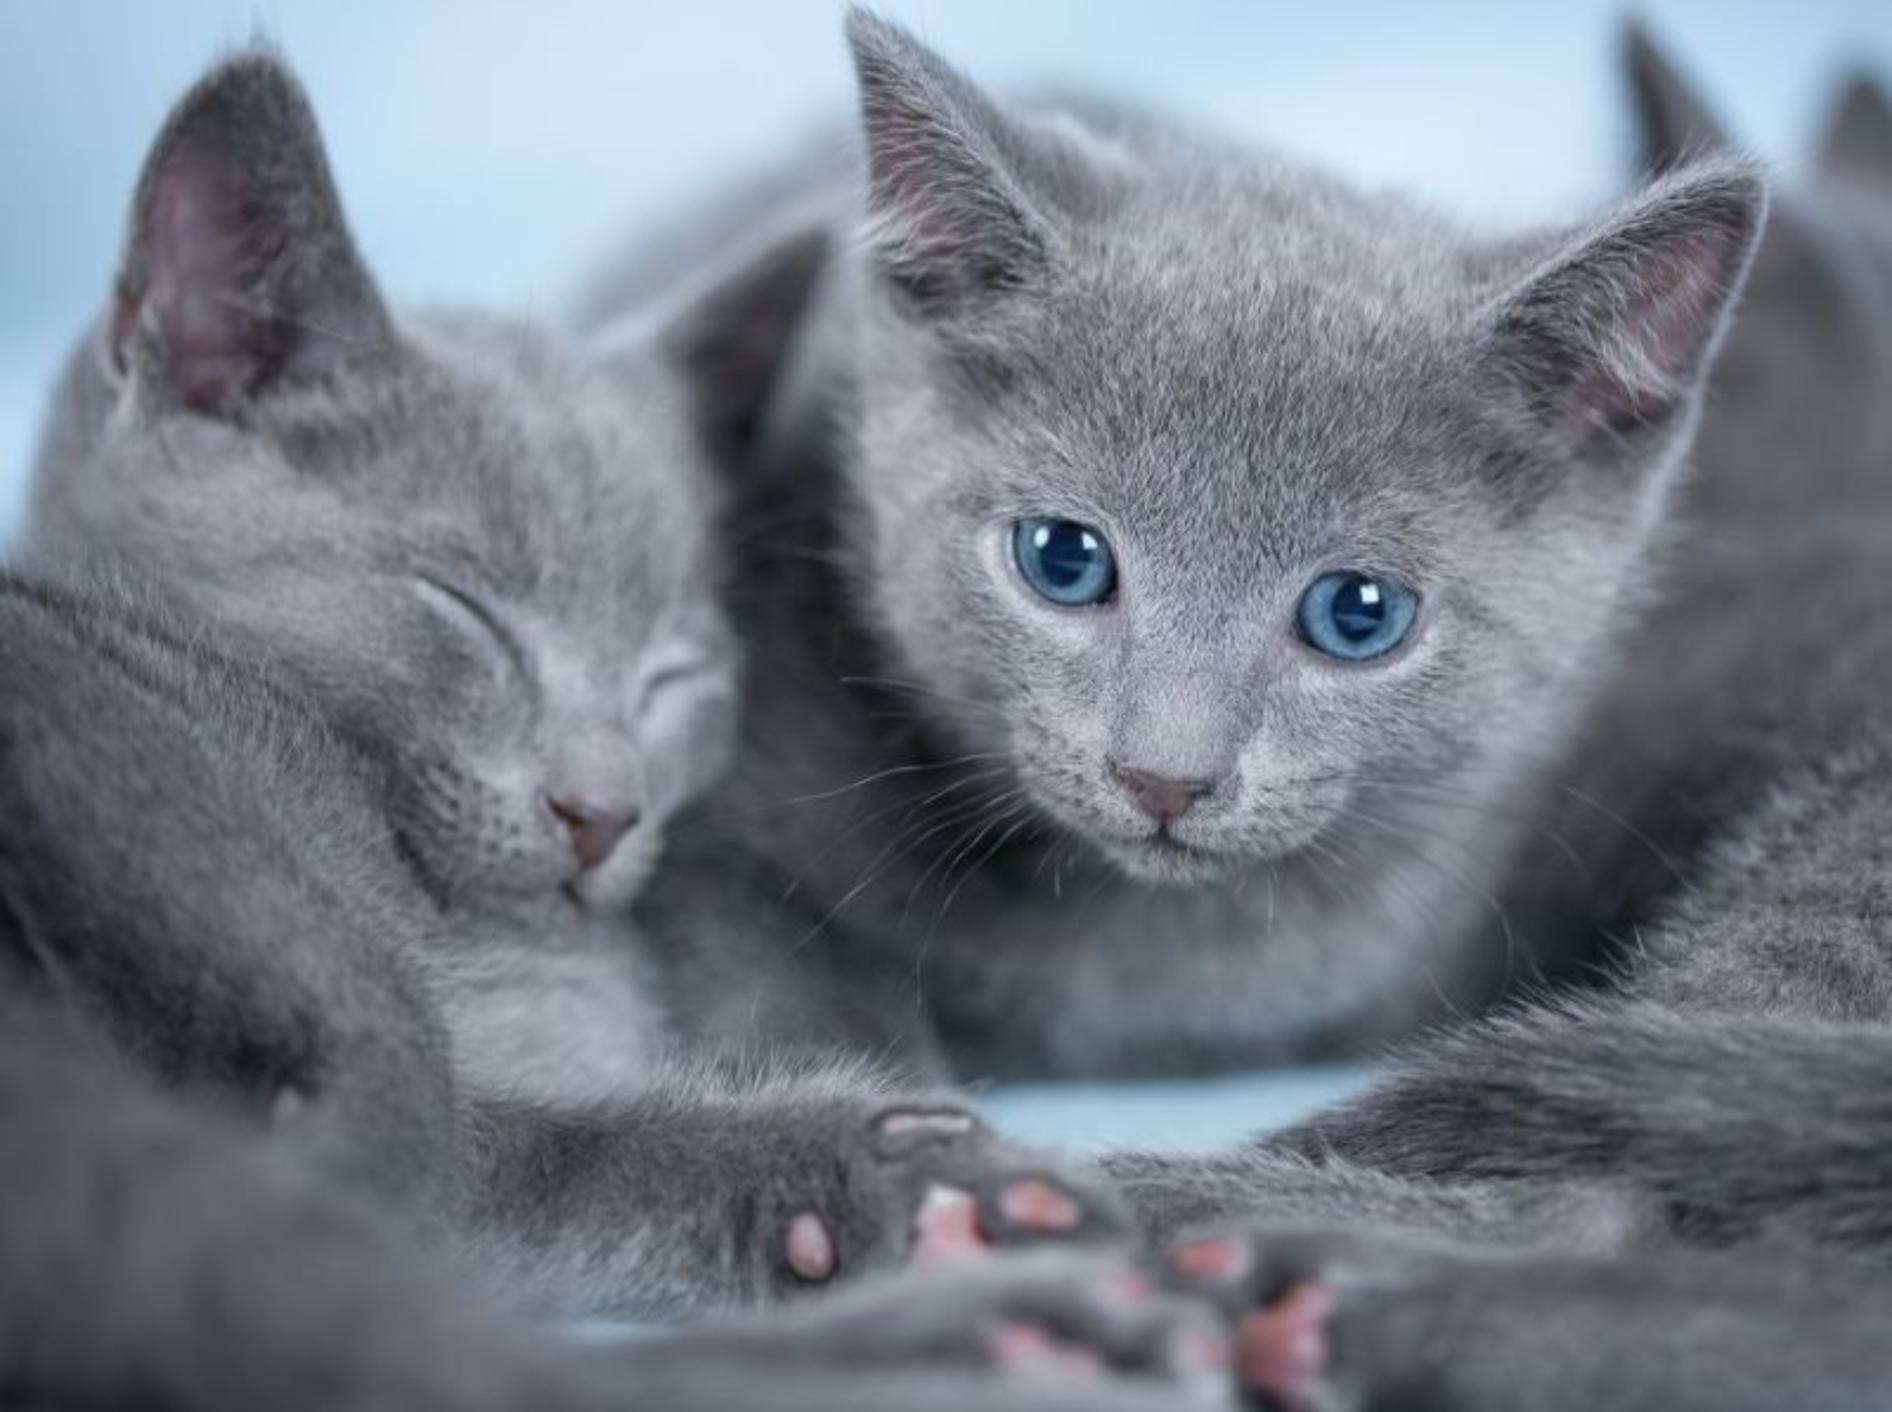 Russisch Blau Babykatzen gelten im Gegensatz zu erwachsenen Tieren als äußerst lebhaft und abenteuerlustig — Bild: Shutterstock / Petr Jilek